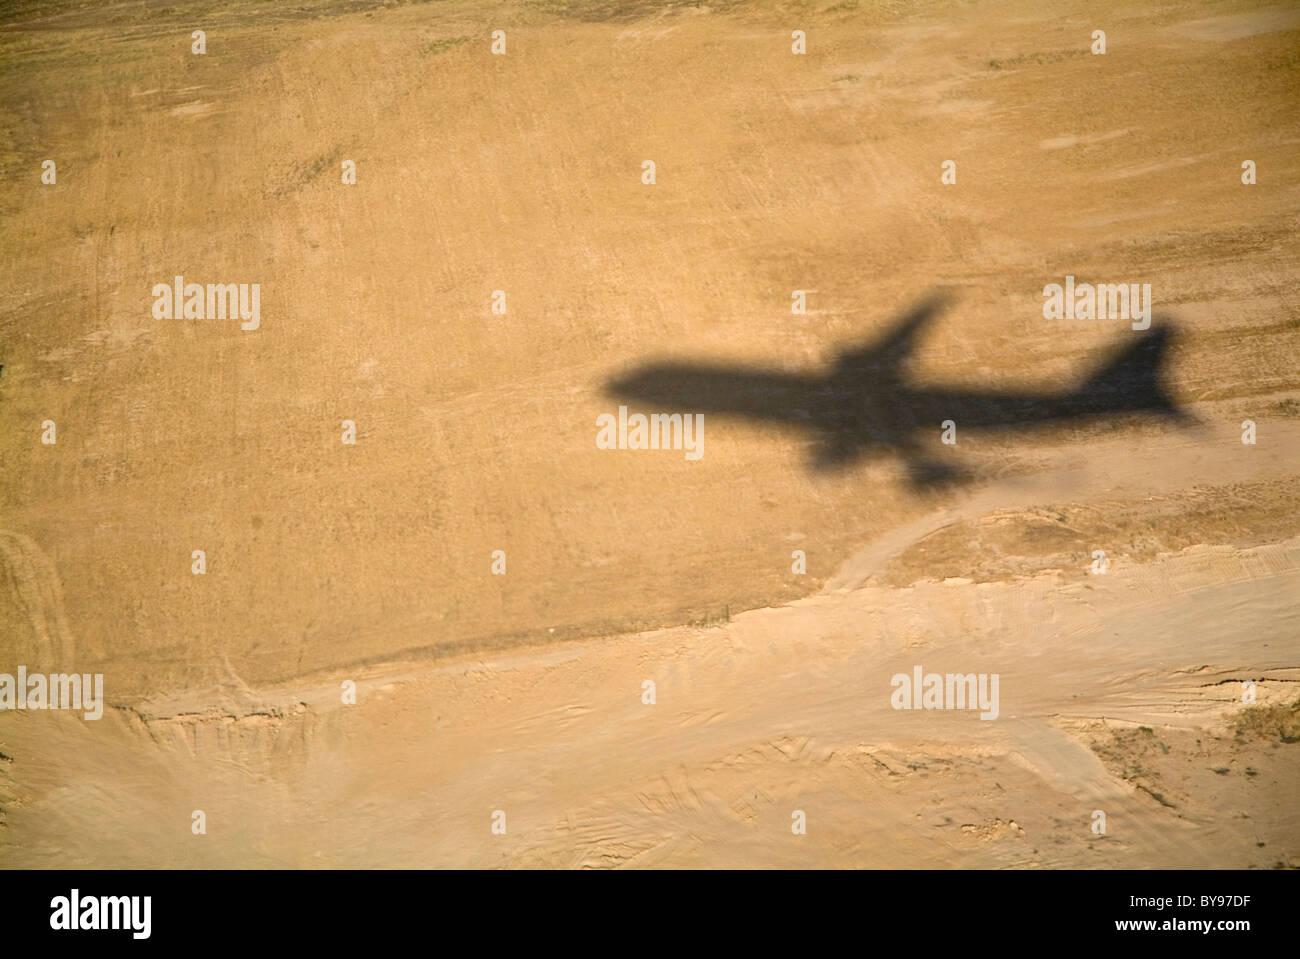 Schatten eines fliegenden Flugzeugs ausziehen Stockbild